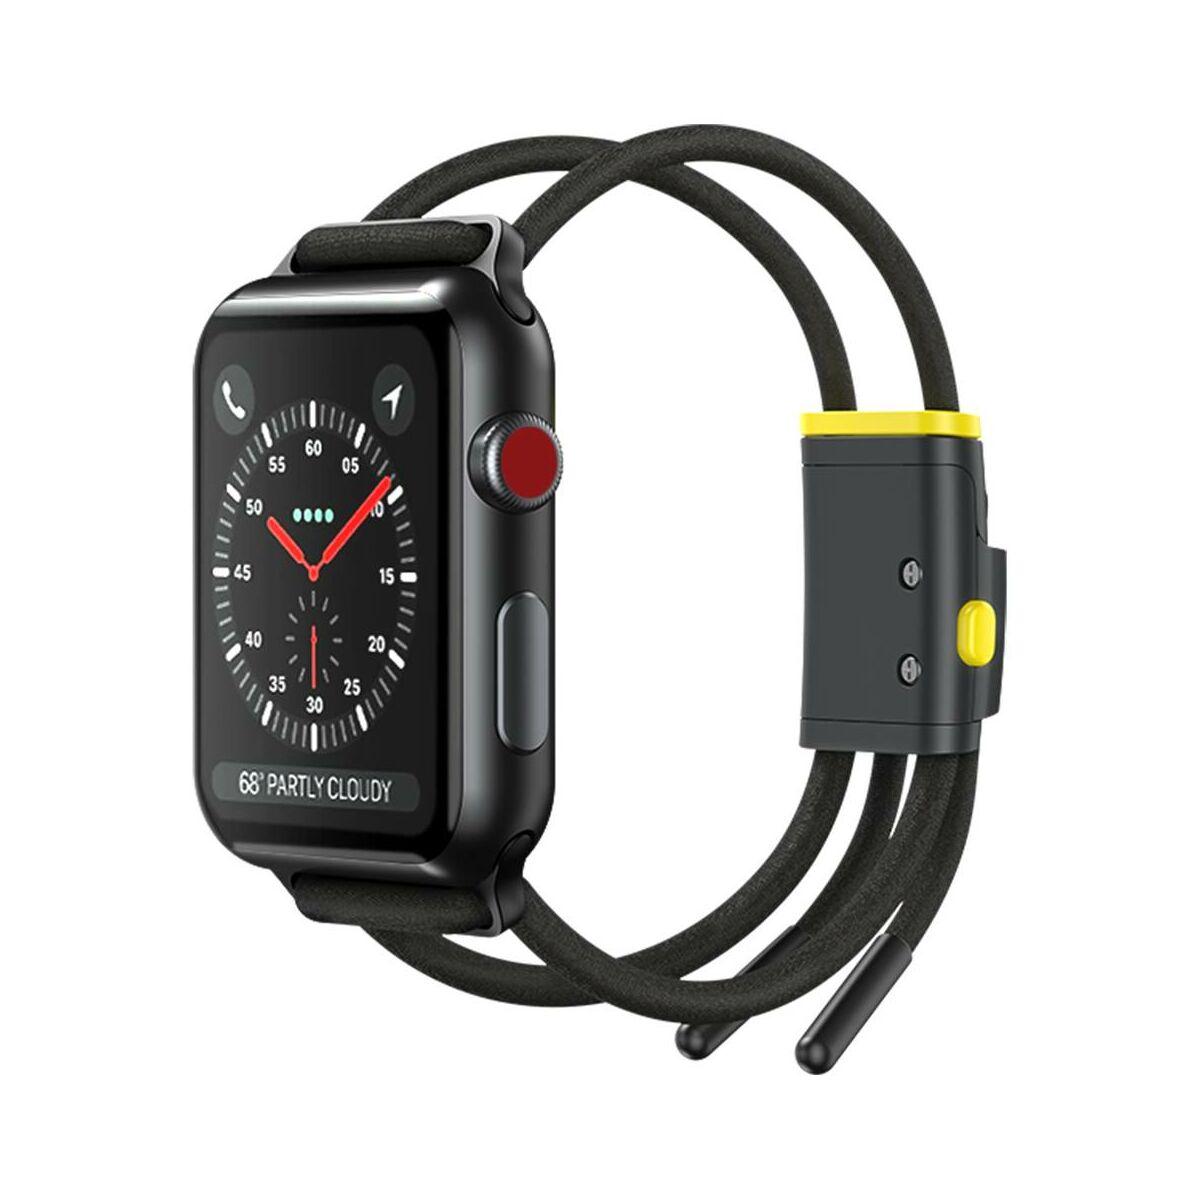 Baseus Apple Watch óraszíj, Lets go zárható, méretre állítható, 3,4,5, modellekhez 42 mm / 44 mm, szürke/sárga (LBAPWA4-BGY)